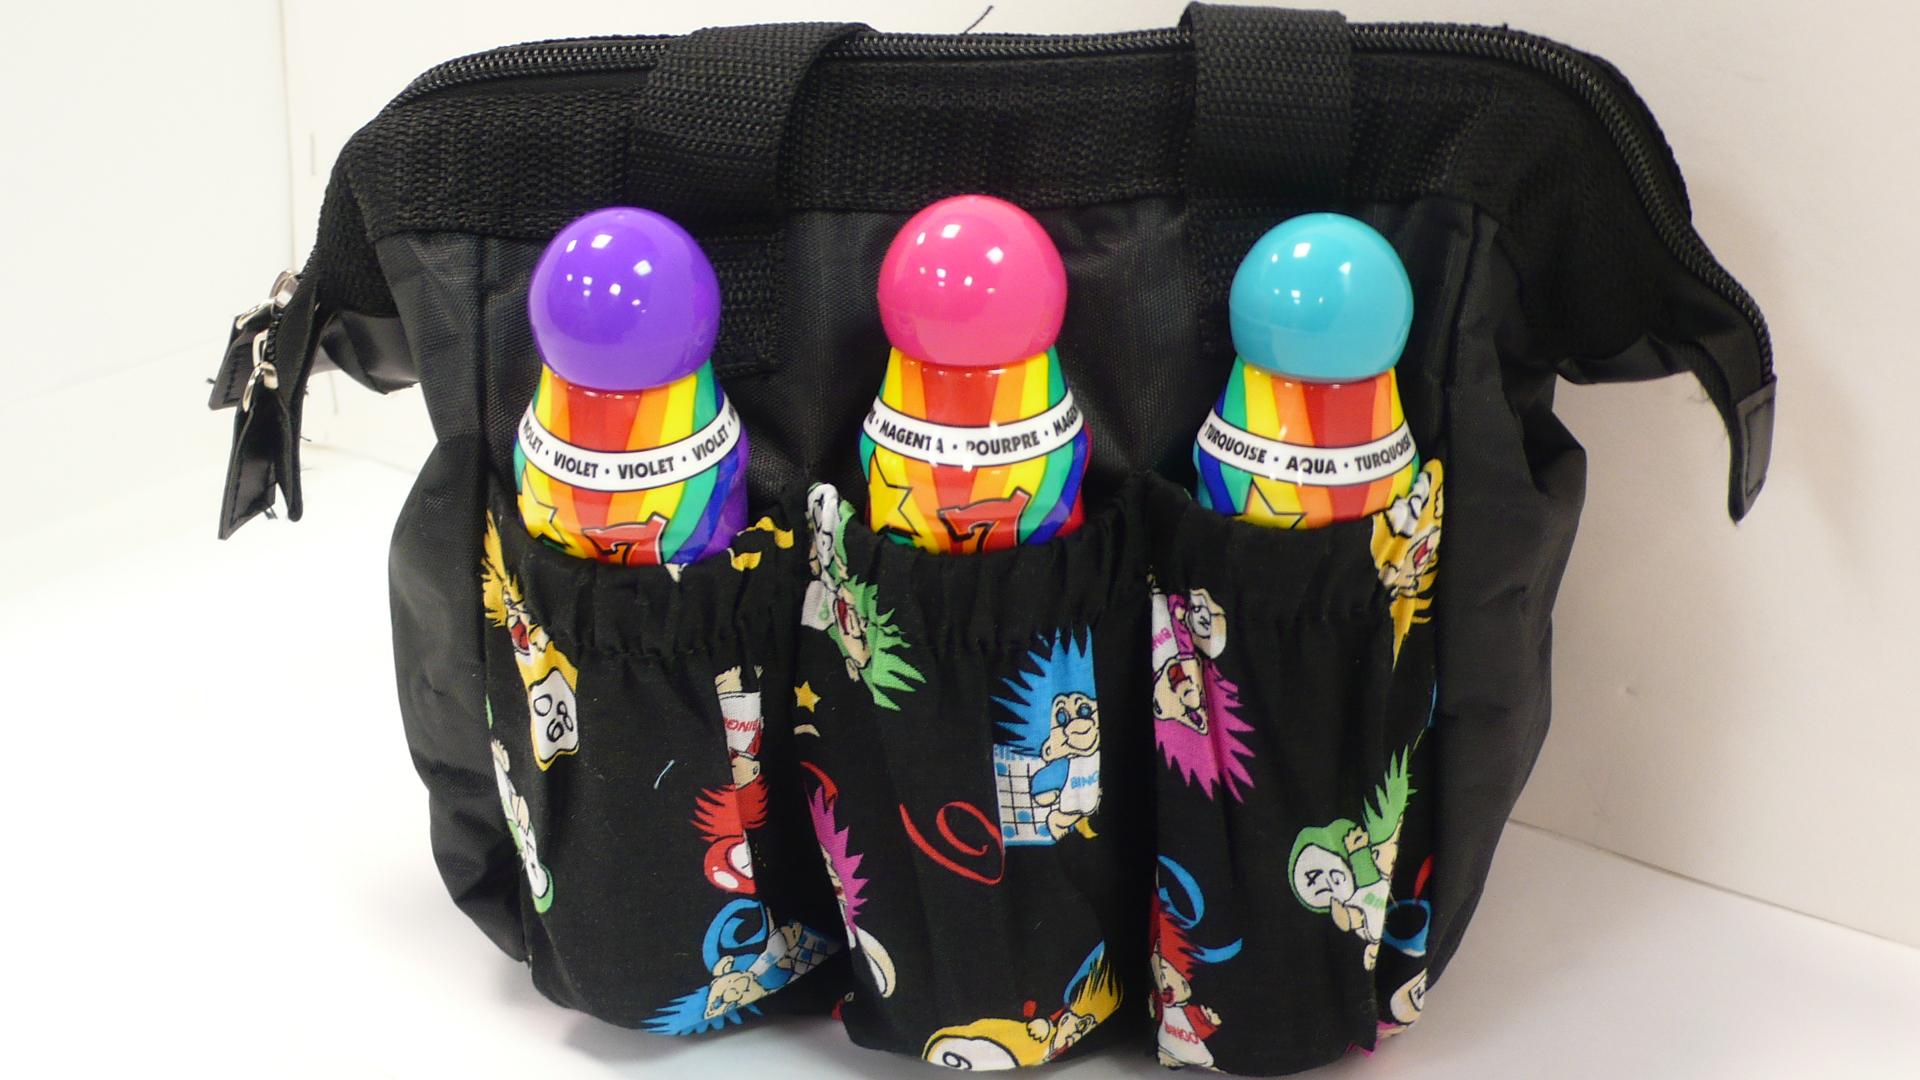 6 Pocket Troll Design Dauber Tote  tote, tote bag, dauber bags, dauber pocket bags